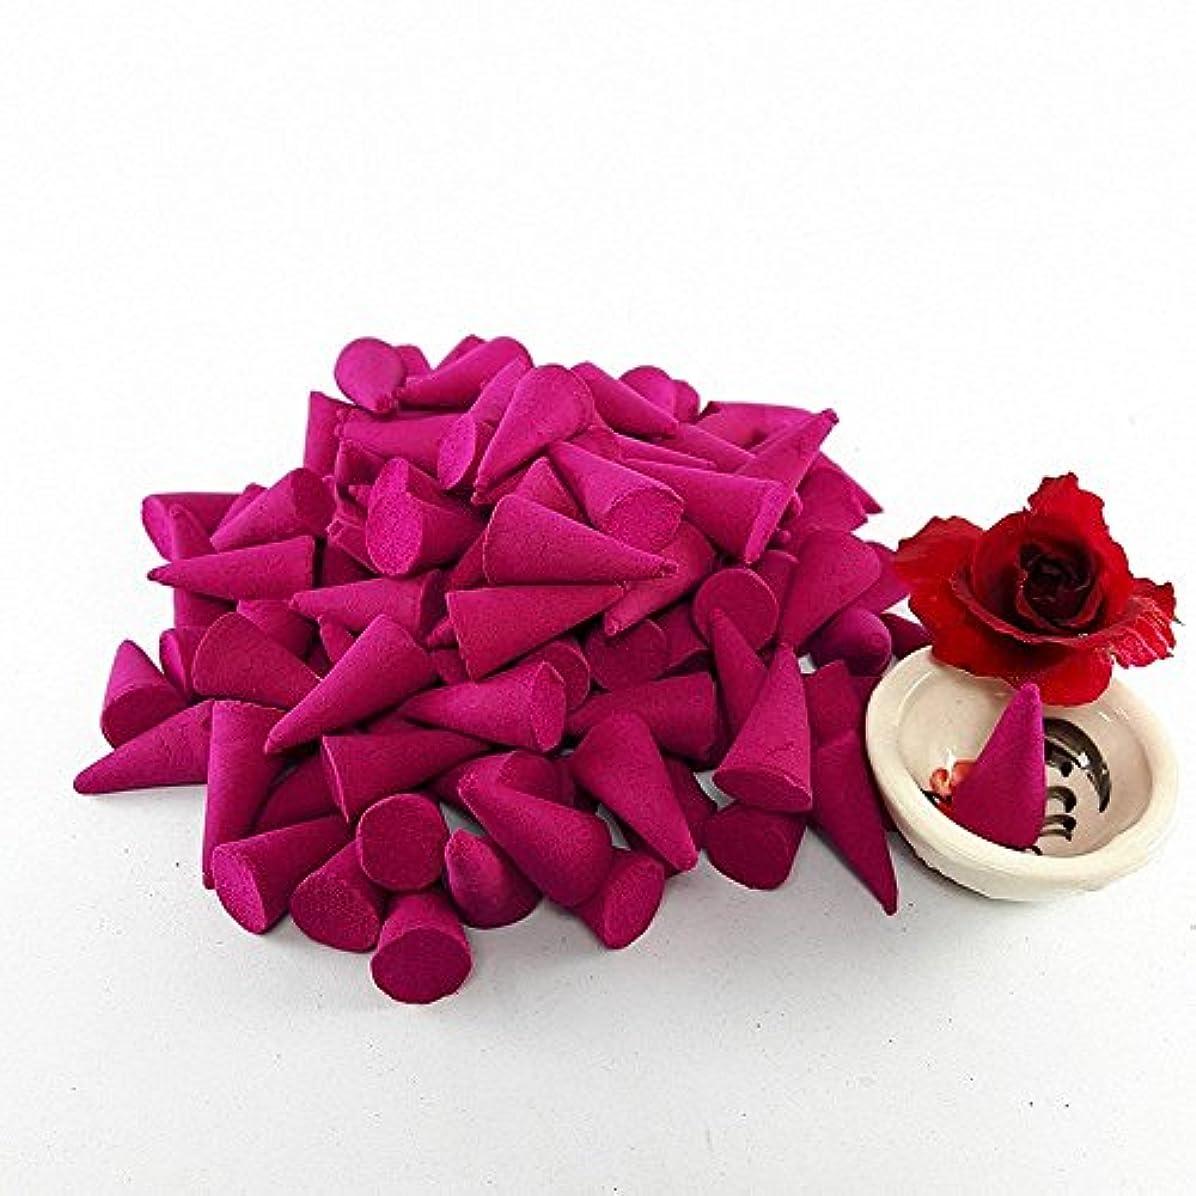 照らす麻痺伝統的家庭用線香 Incense Cones Mixed Variety of Fragrance Relax Aromatherapy Spa (Pack of 100 Cones) With Burner Holder Thai...